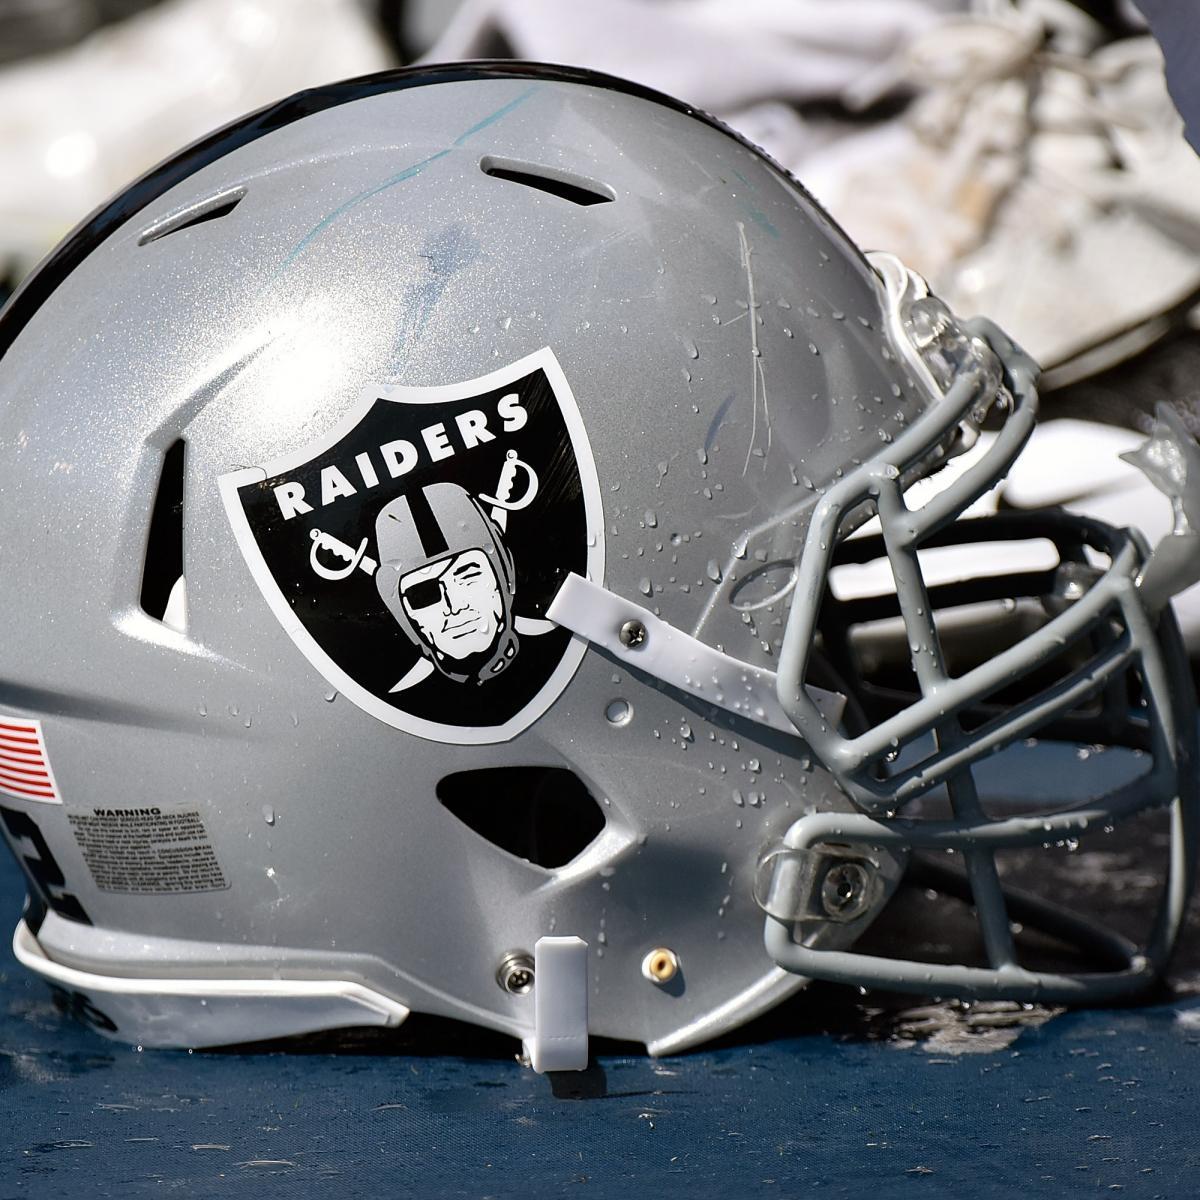 Oakland Raiders New Stadium: Raiders Stadium Deal: Latest News, Rumors On Potential Las